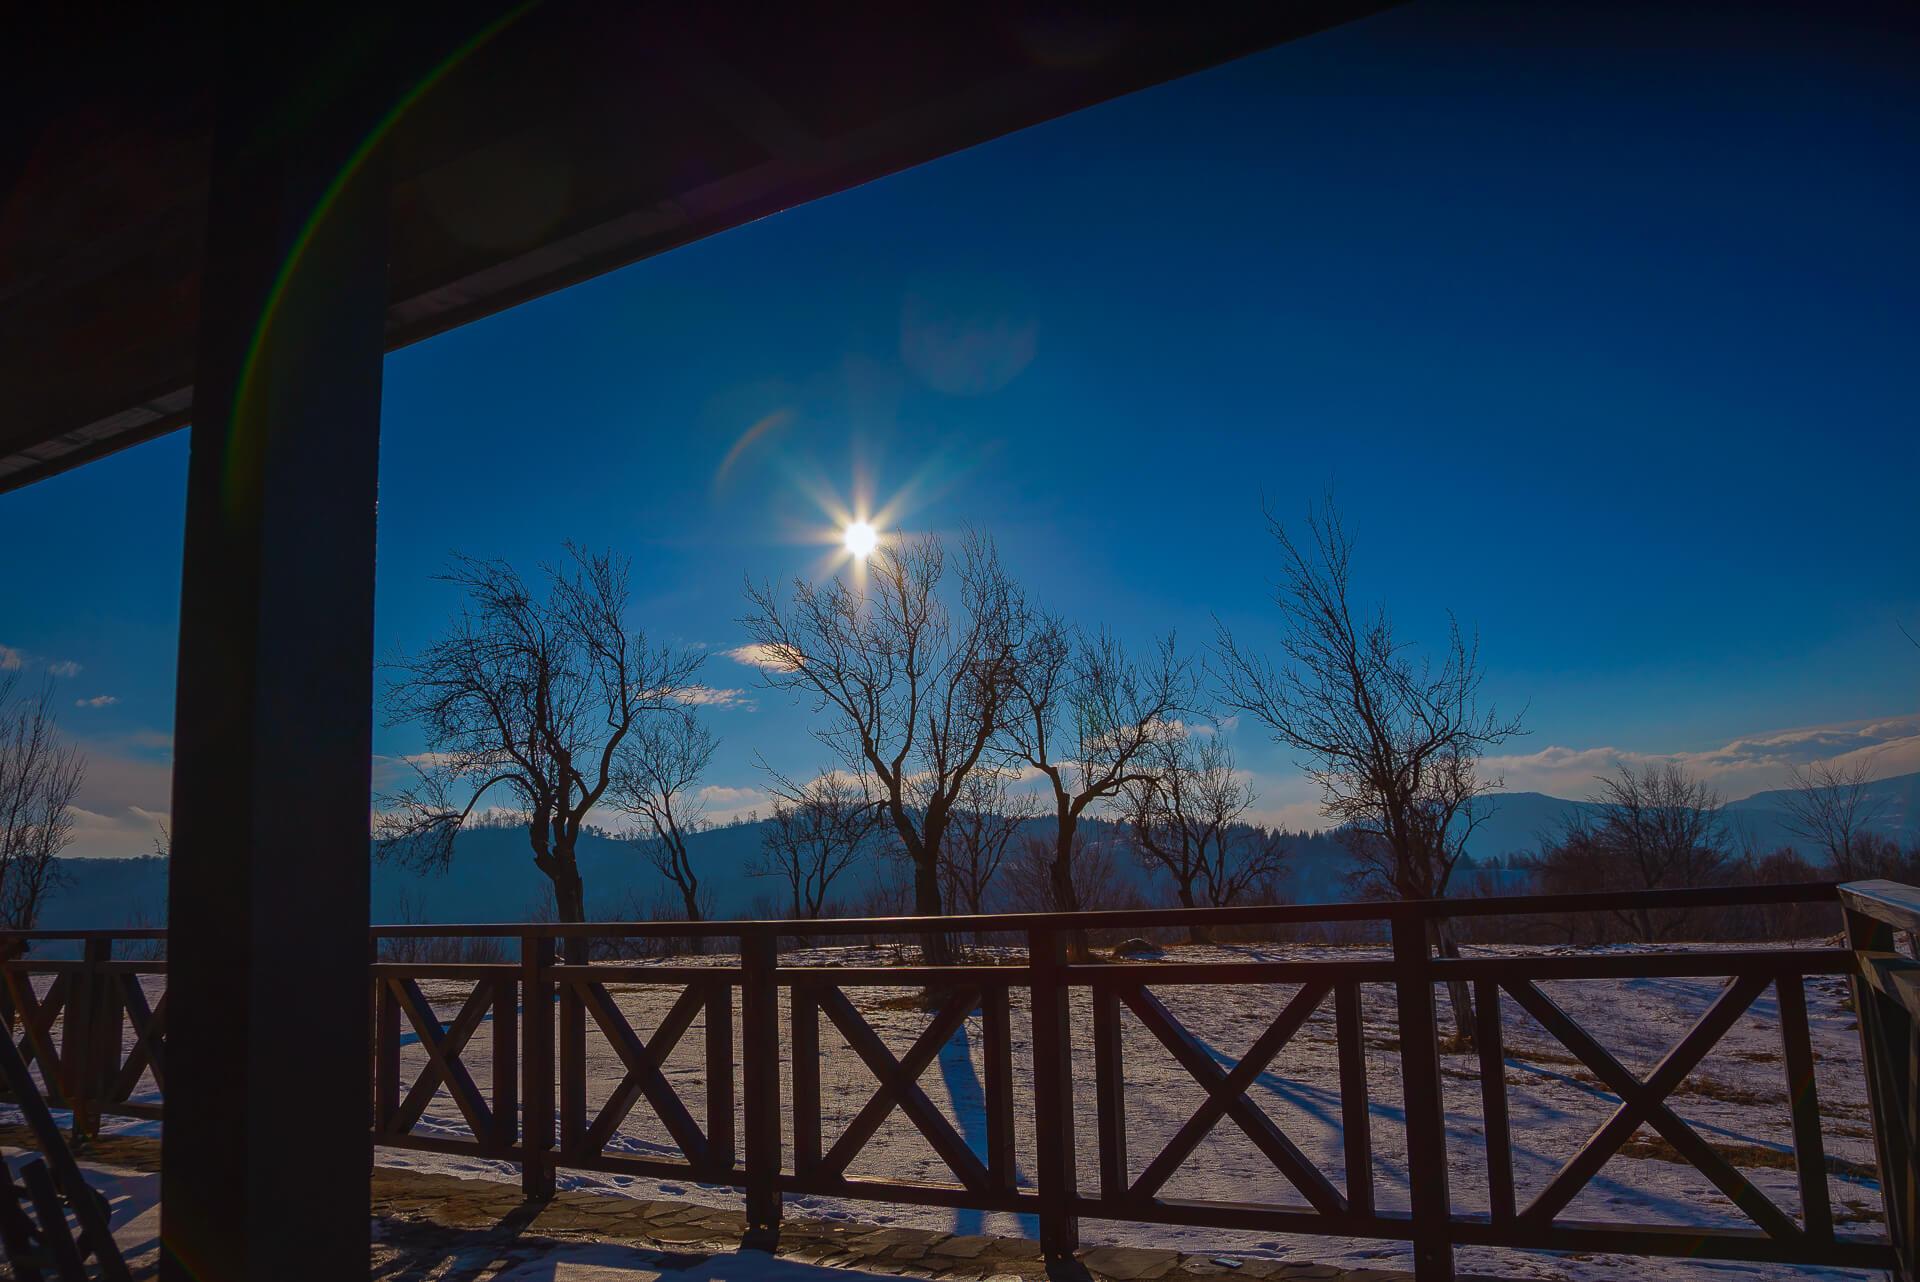 SatulPrunilor_Iarna_Exterior_024